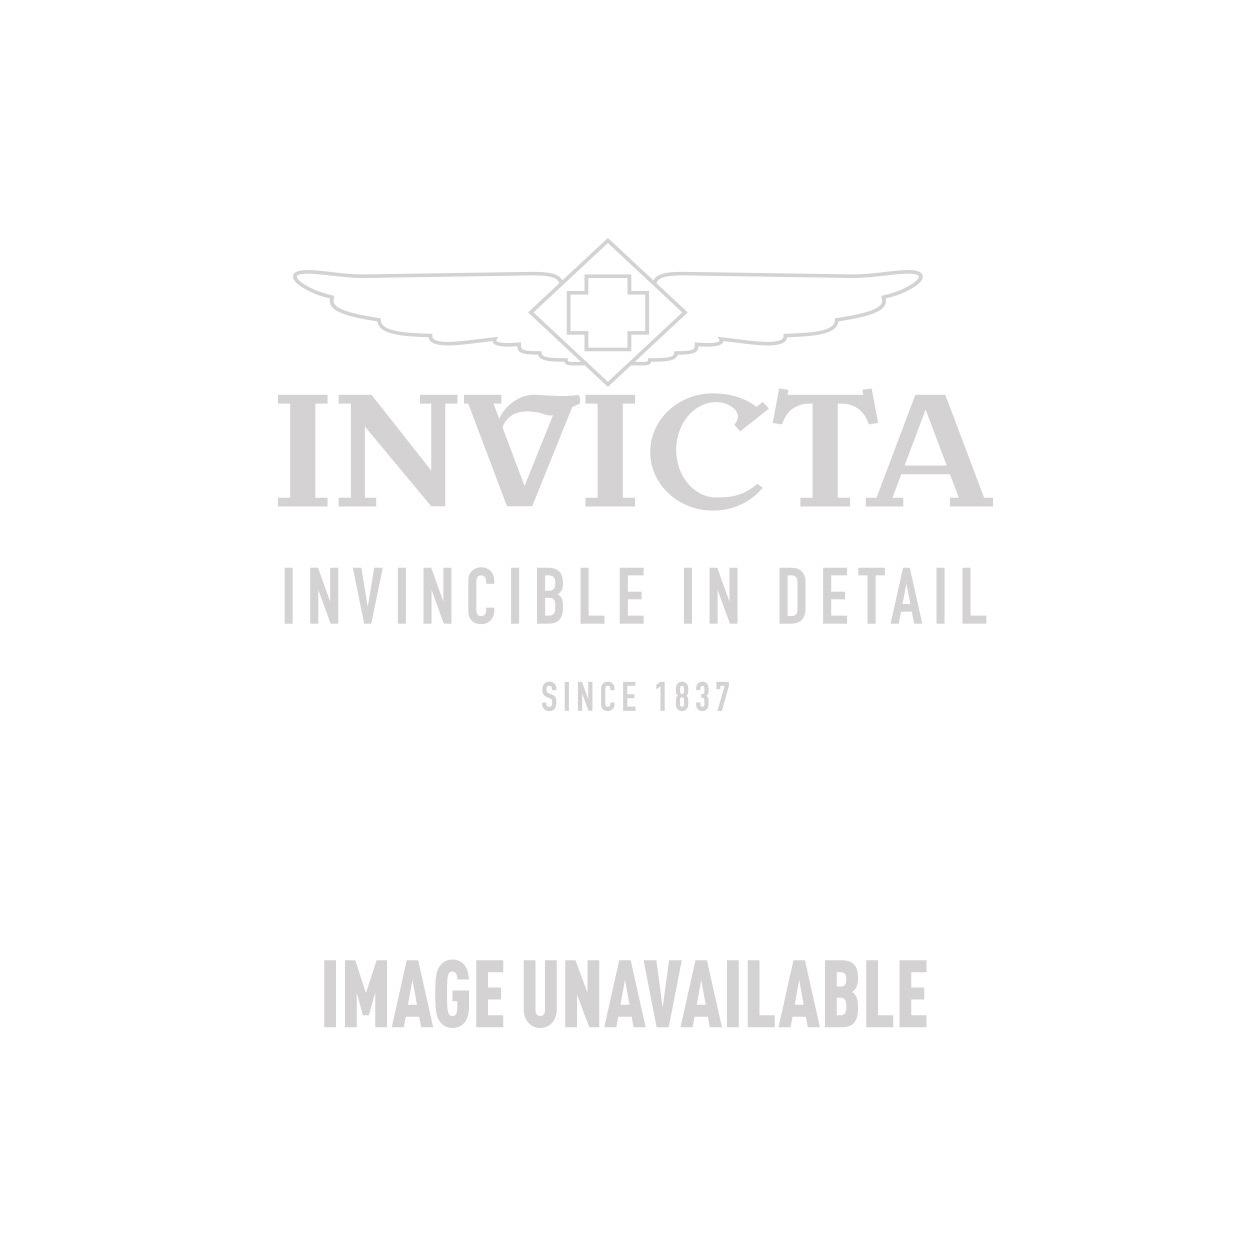 Invicta Model 27823